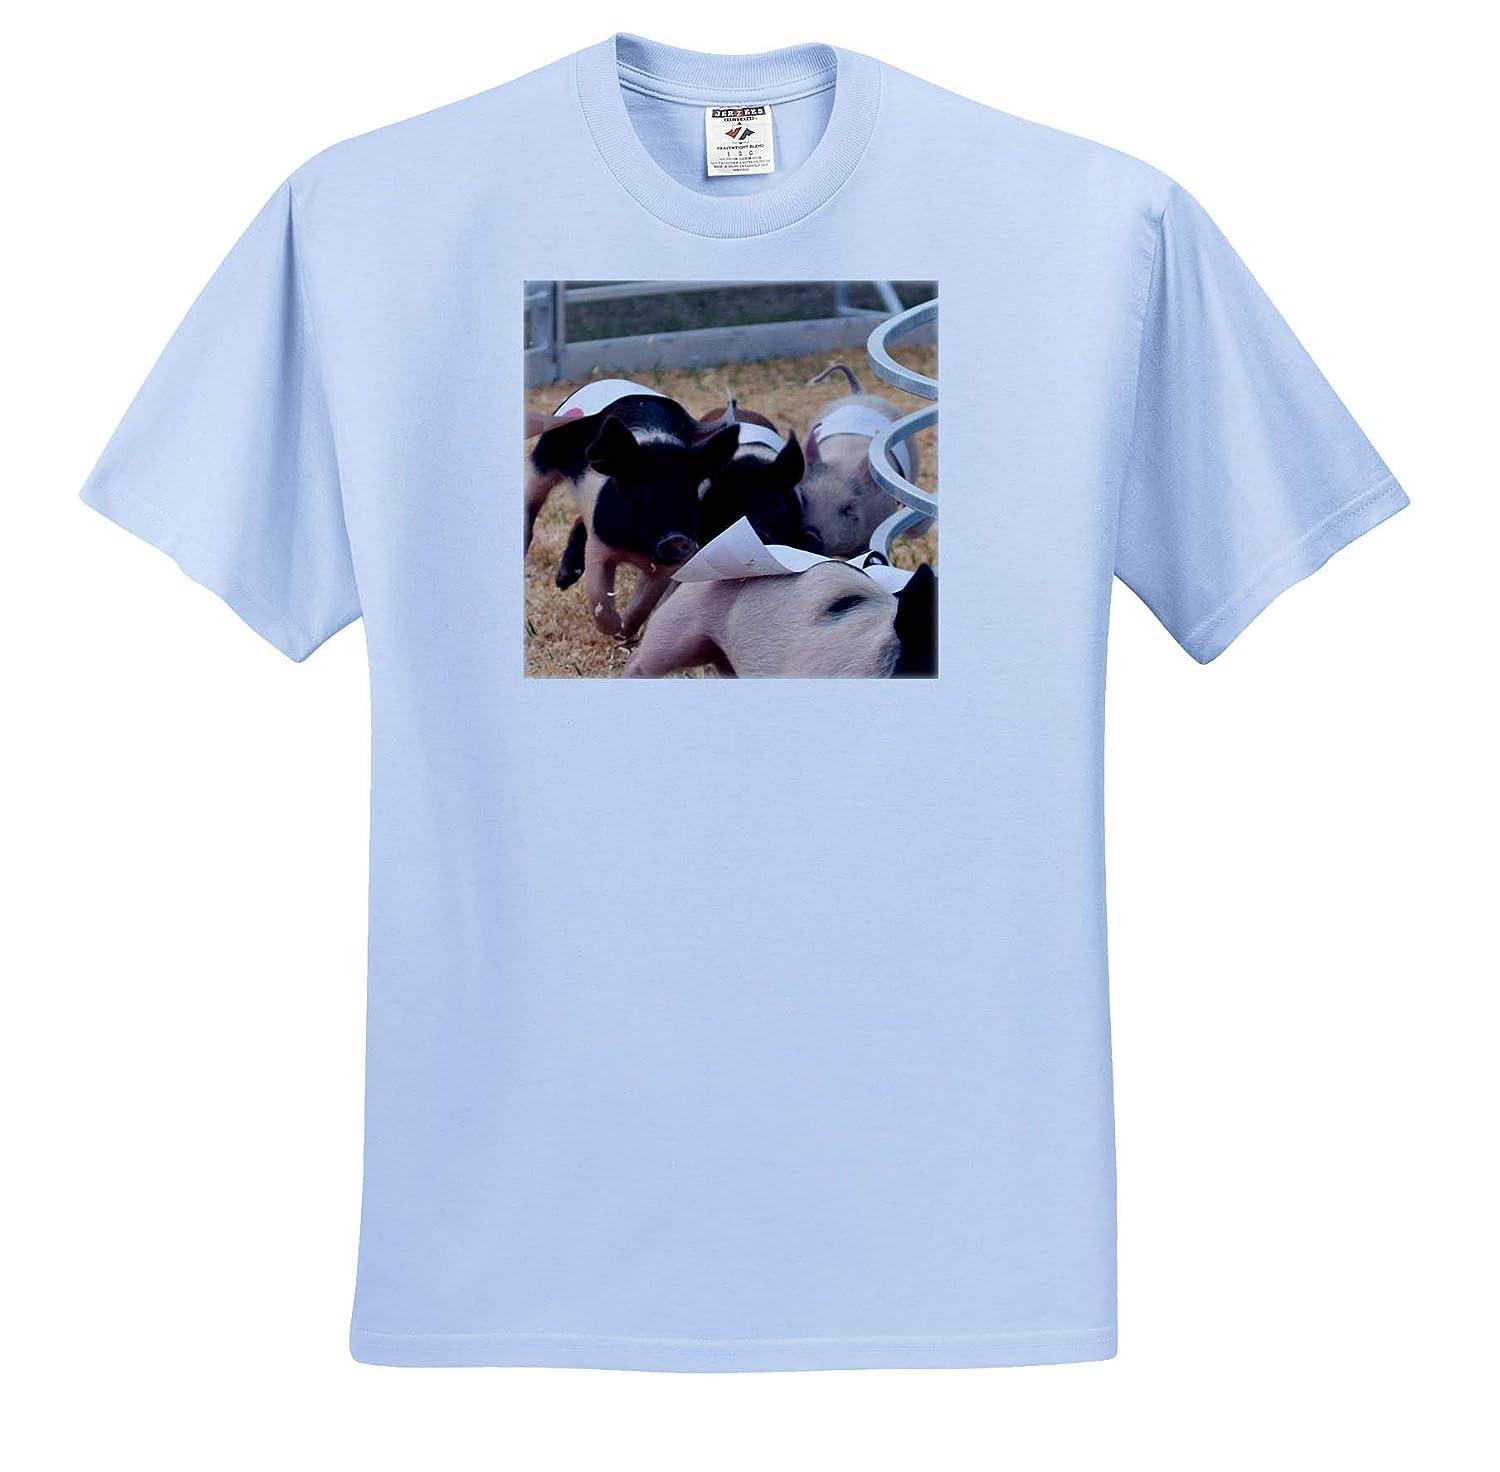 T-Shirts Pig Races Piggies Racing 3dRose Susans Zoo Crew Animal